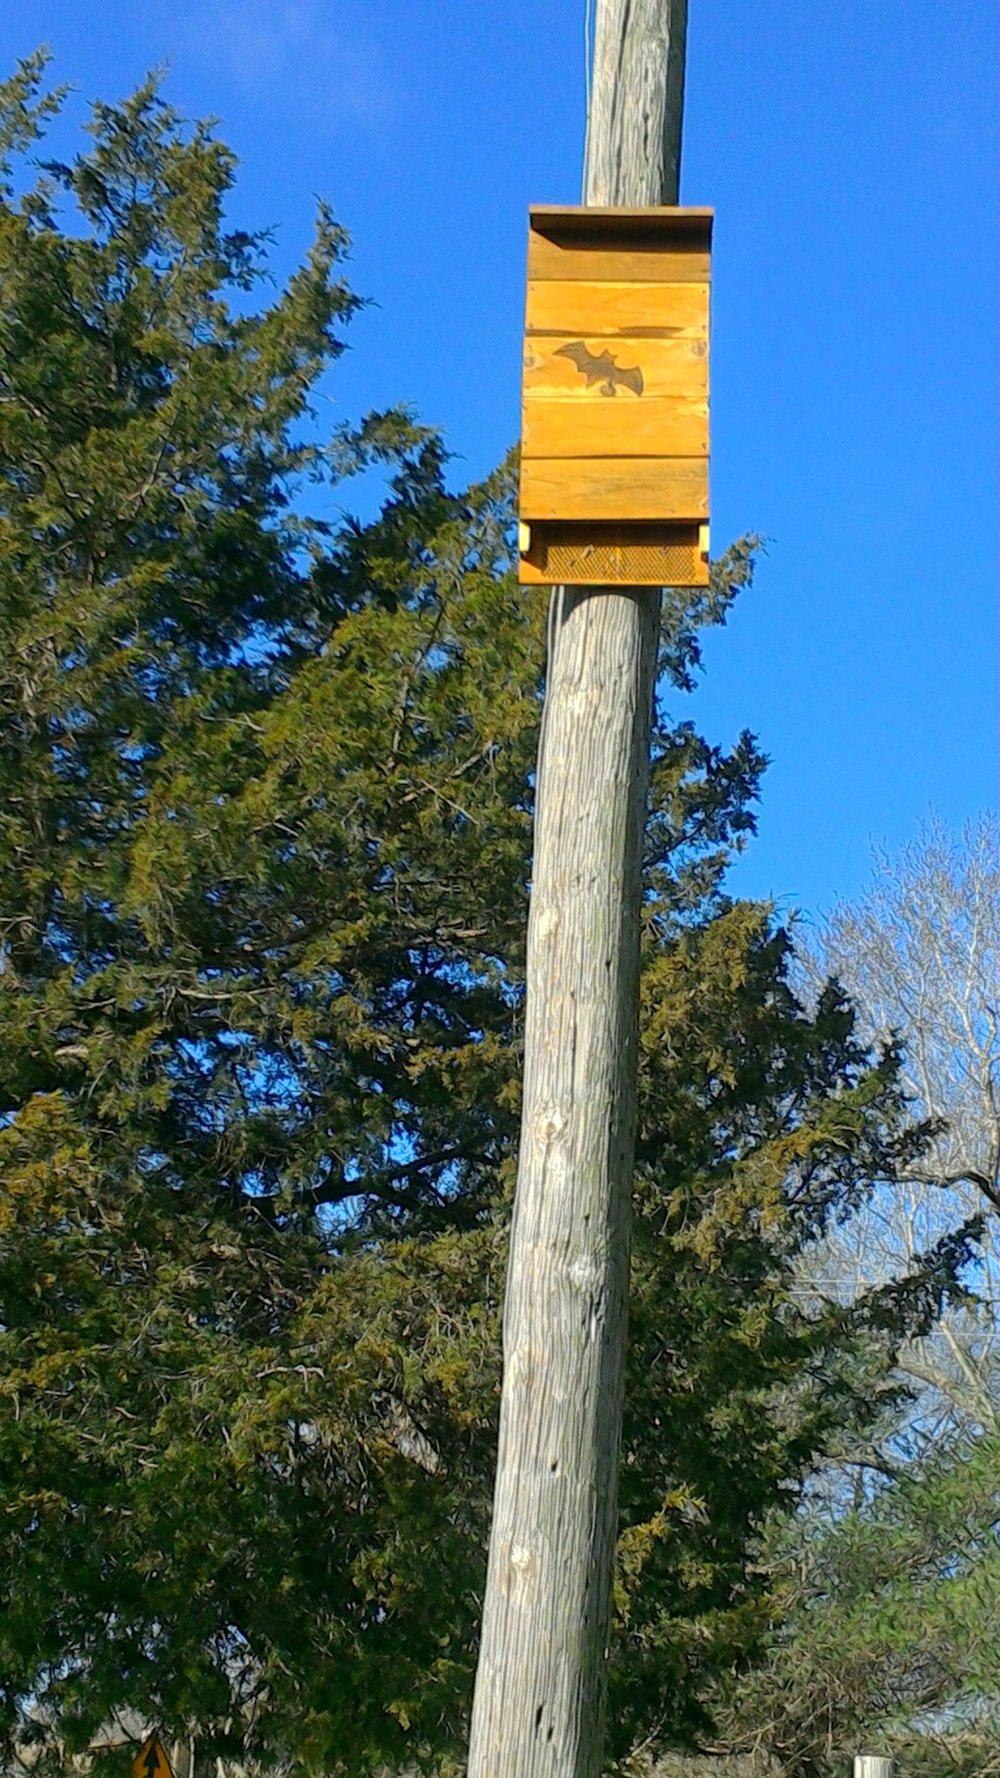 bat house on pole.jpg